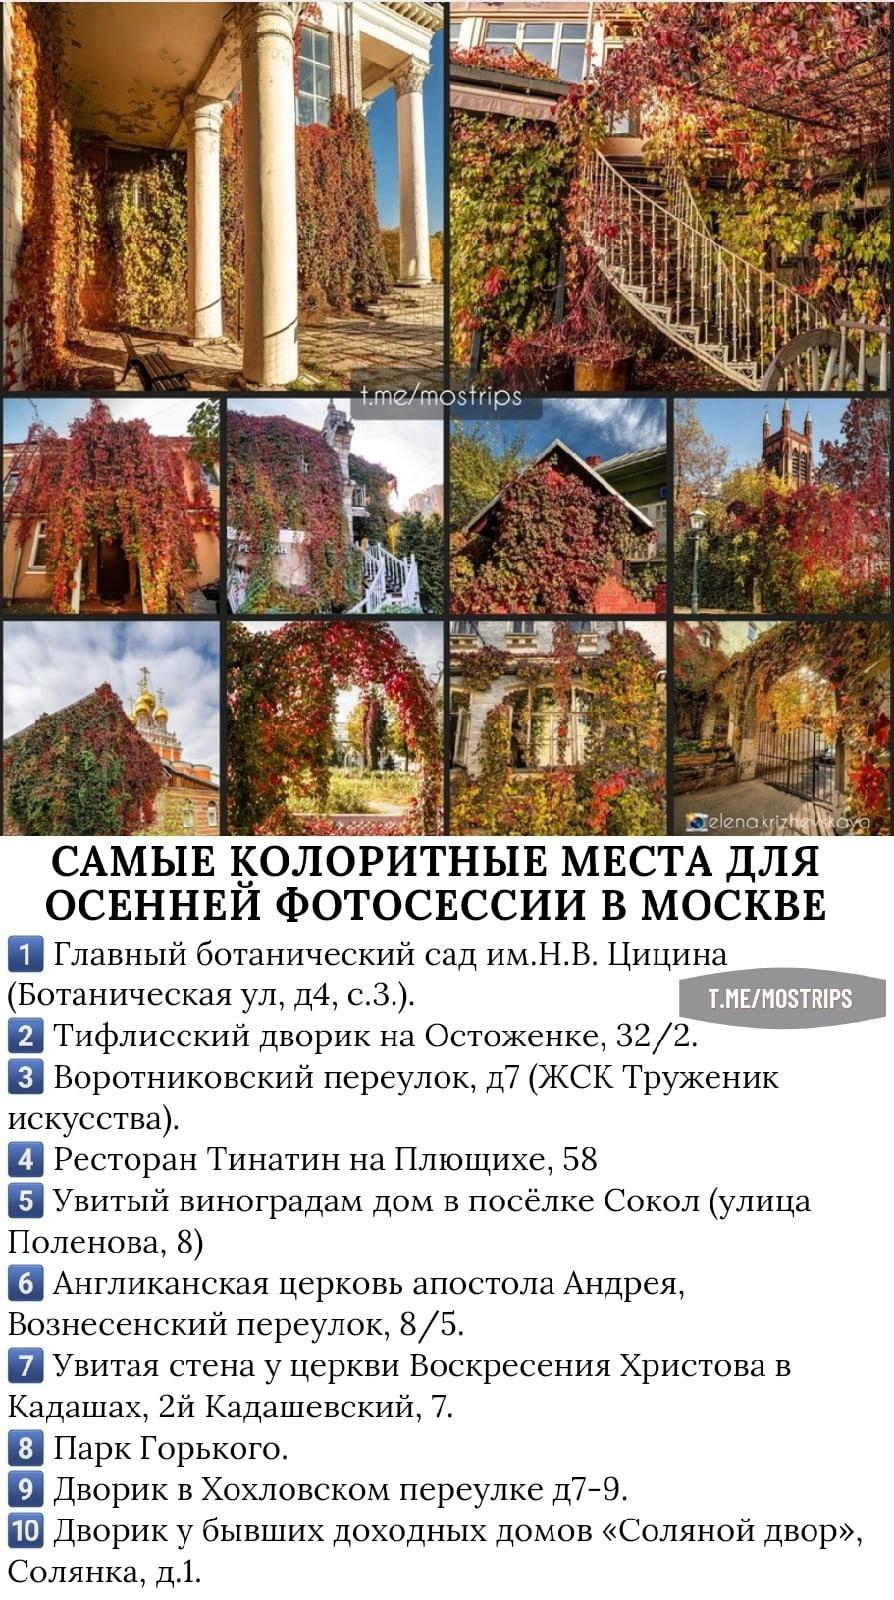 Пост Москвича номер #257893